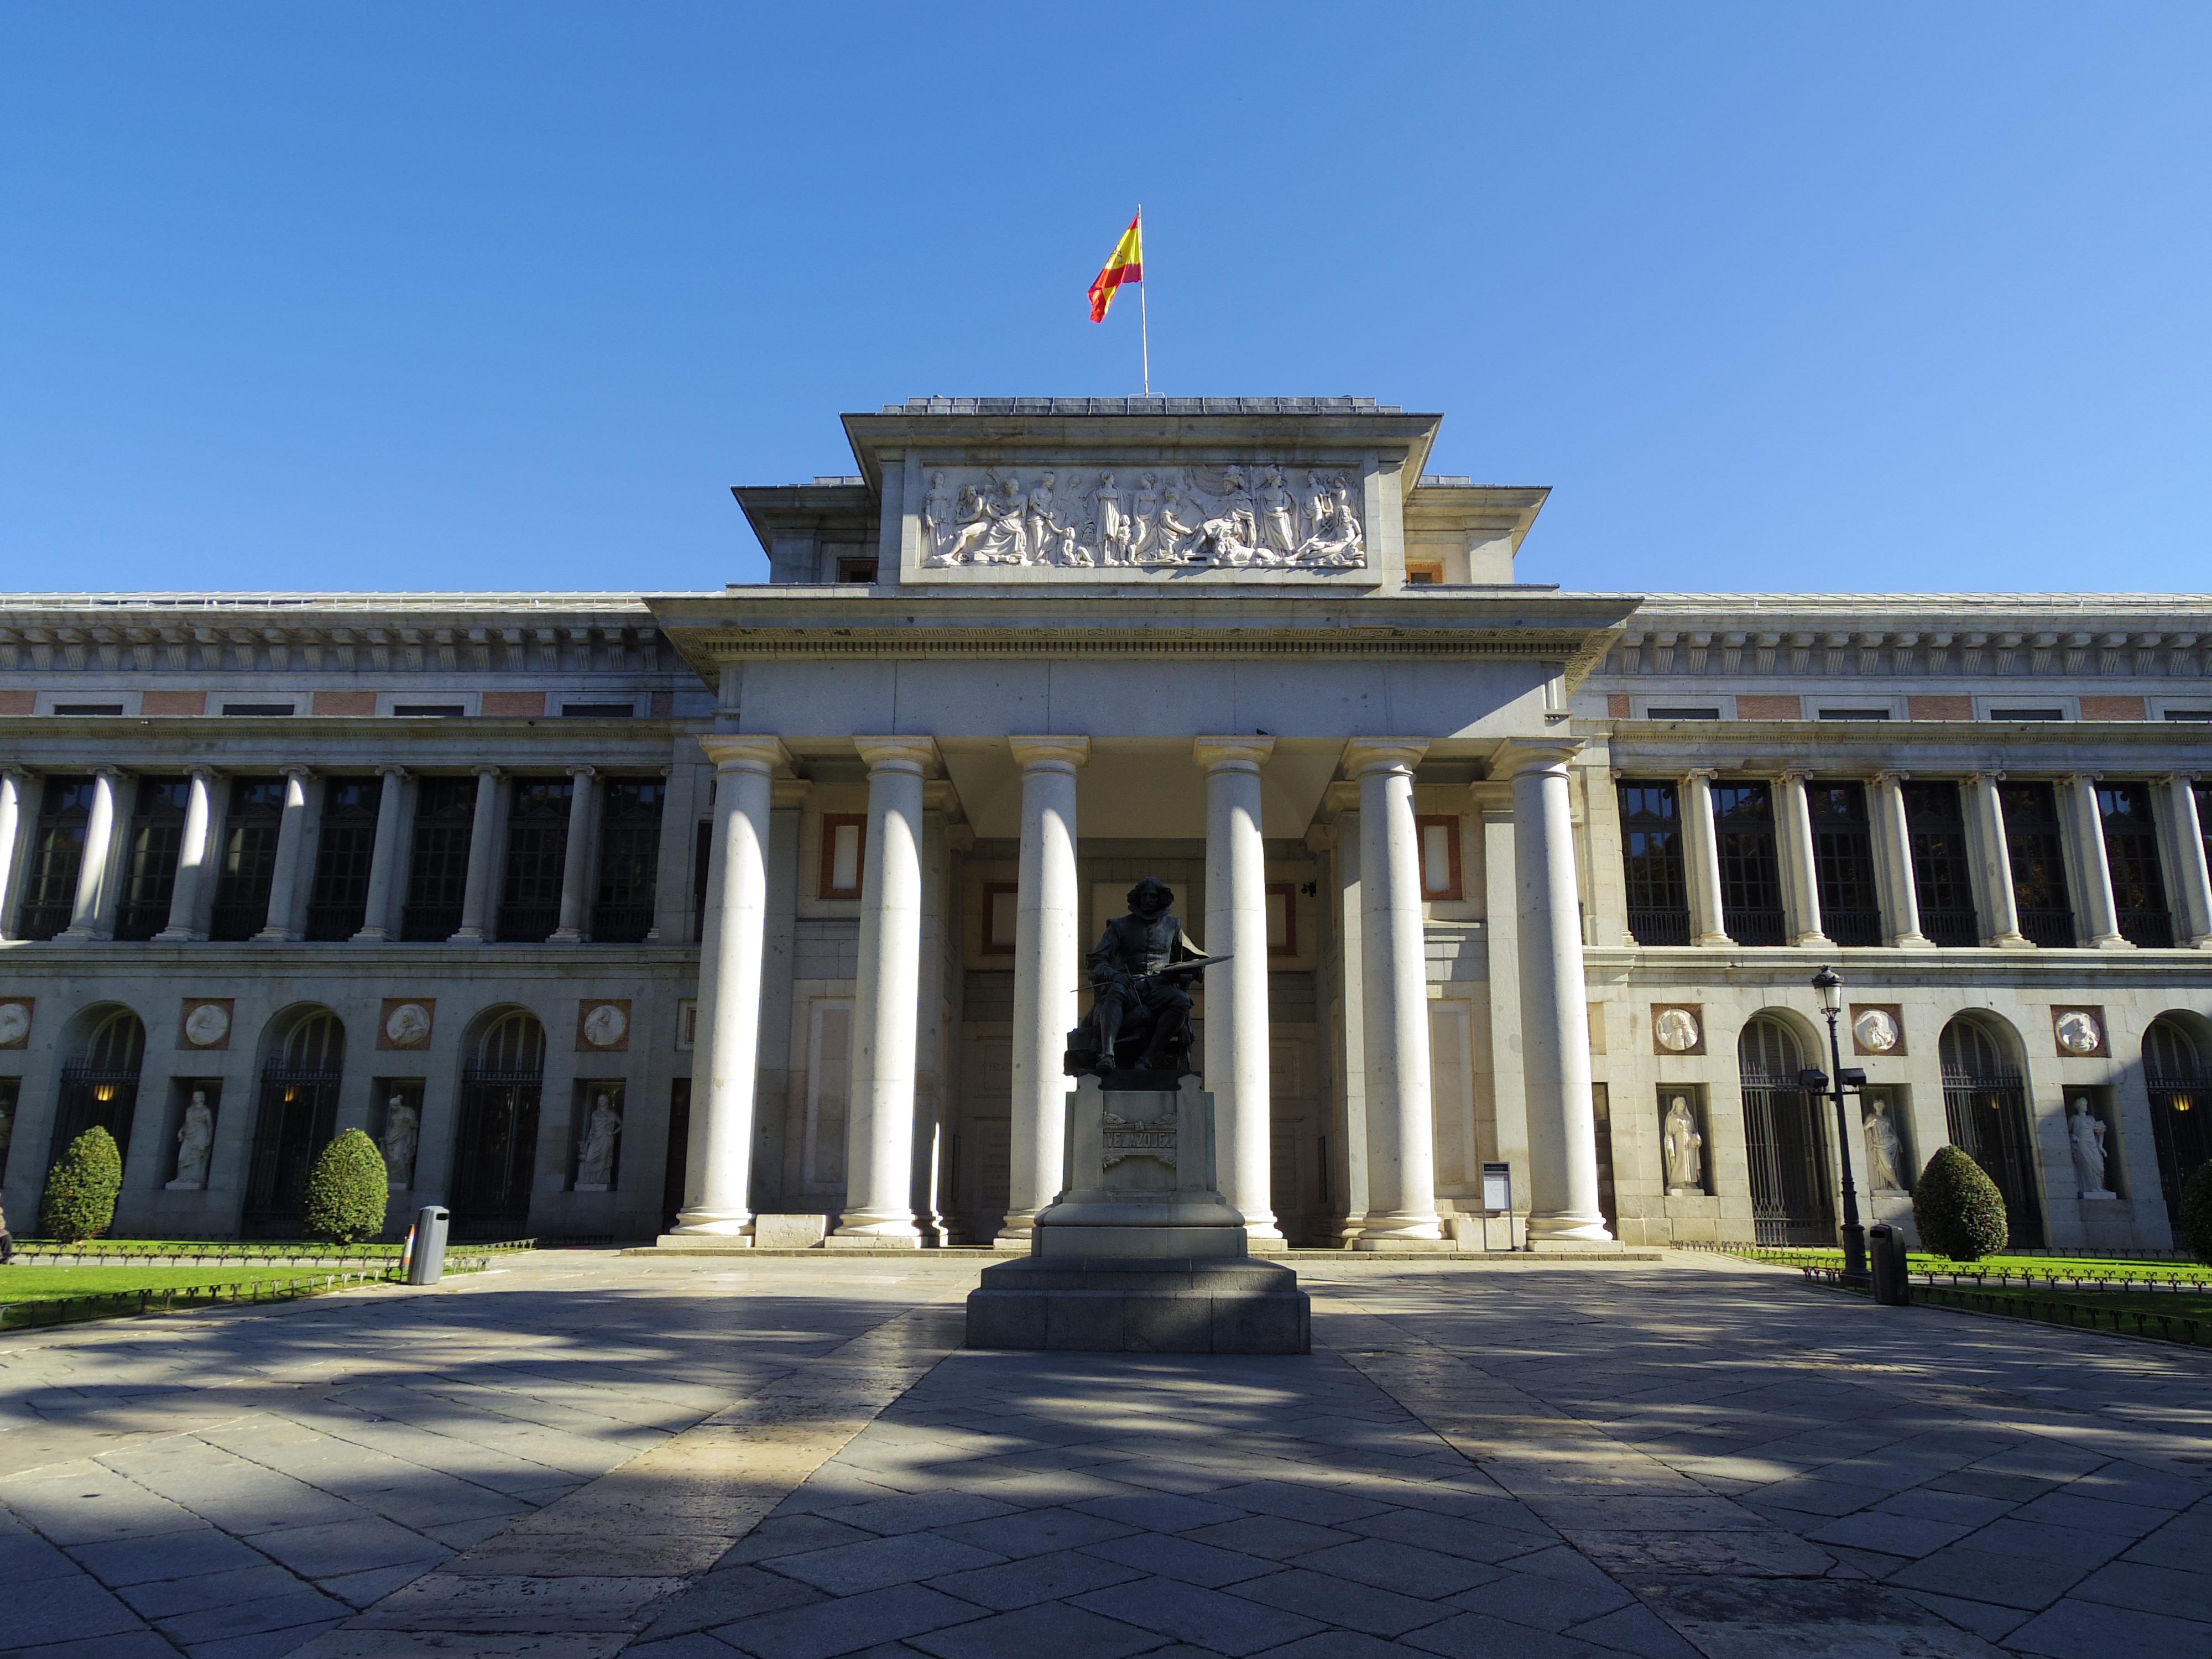 【マドリード観光その2】世界3大美術館のプラド&ソフィア美術館に無料で入る方法。